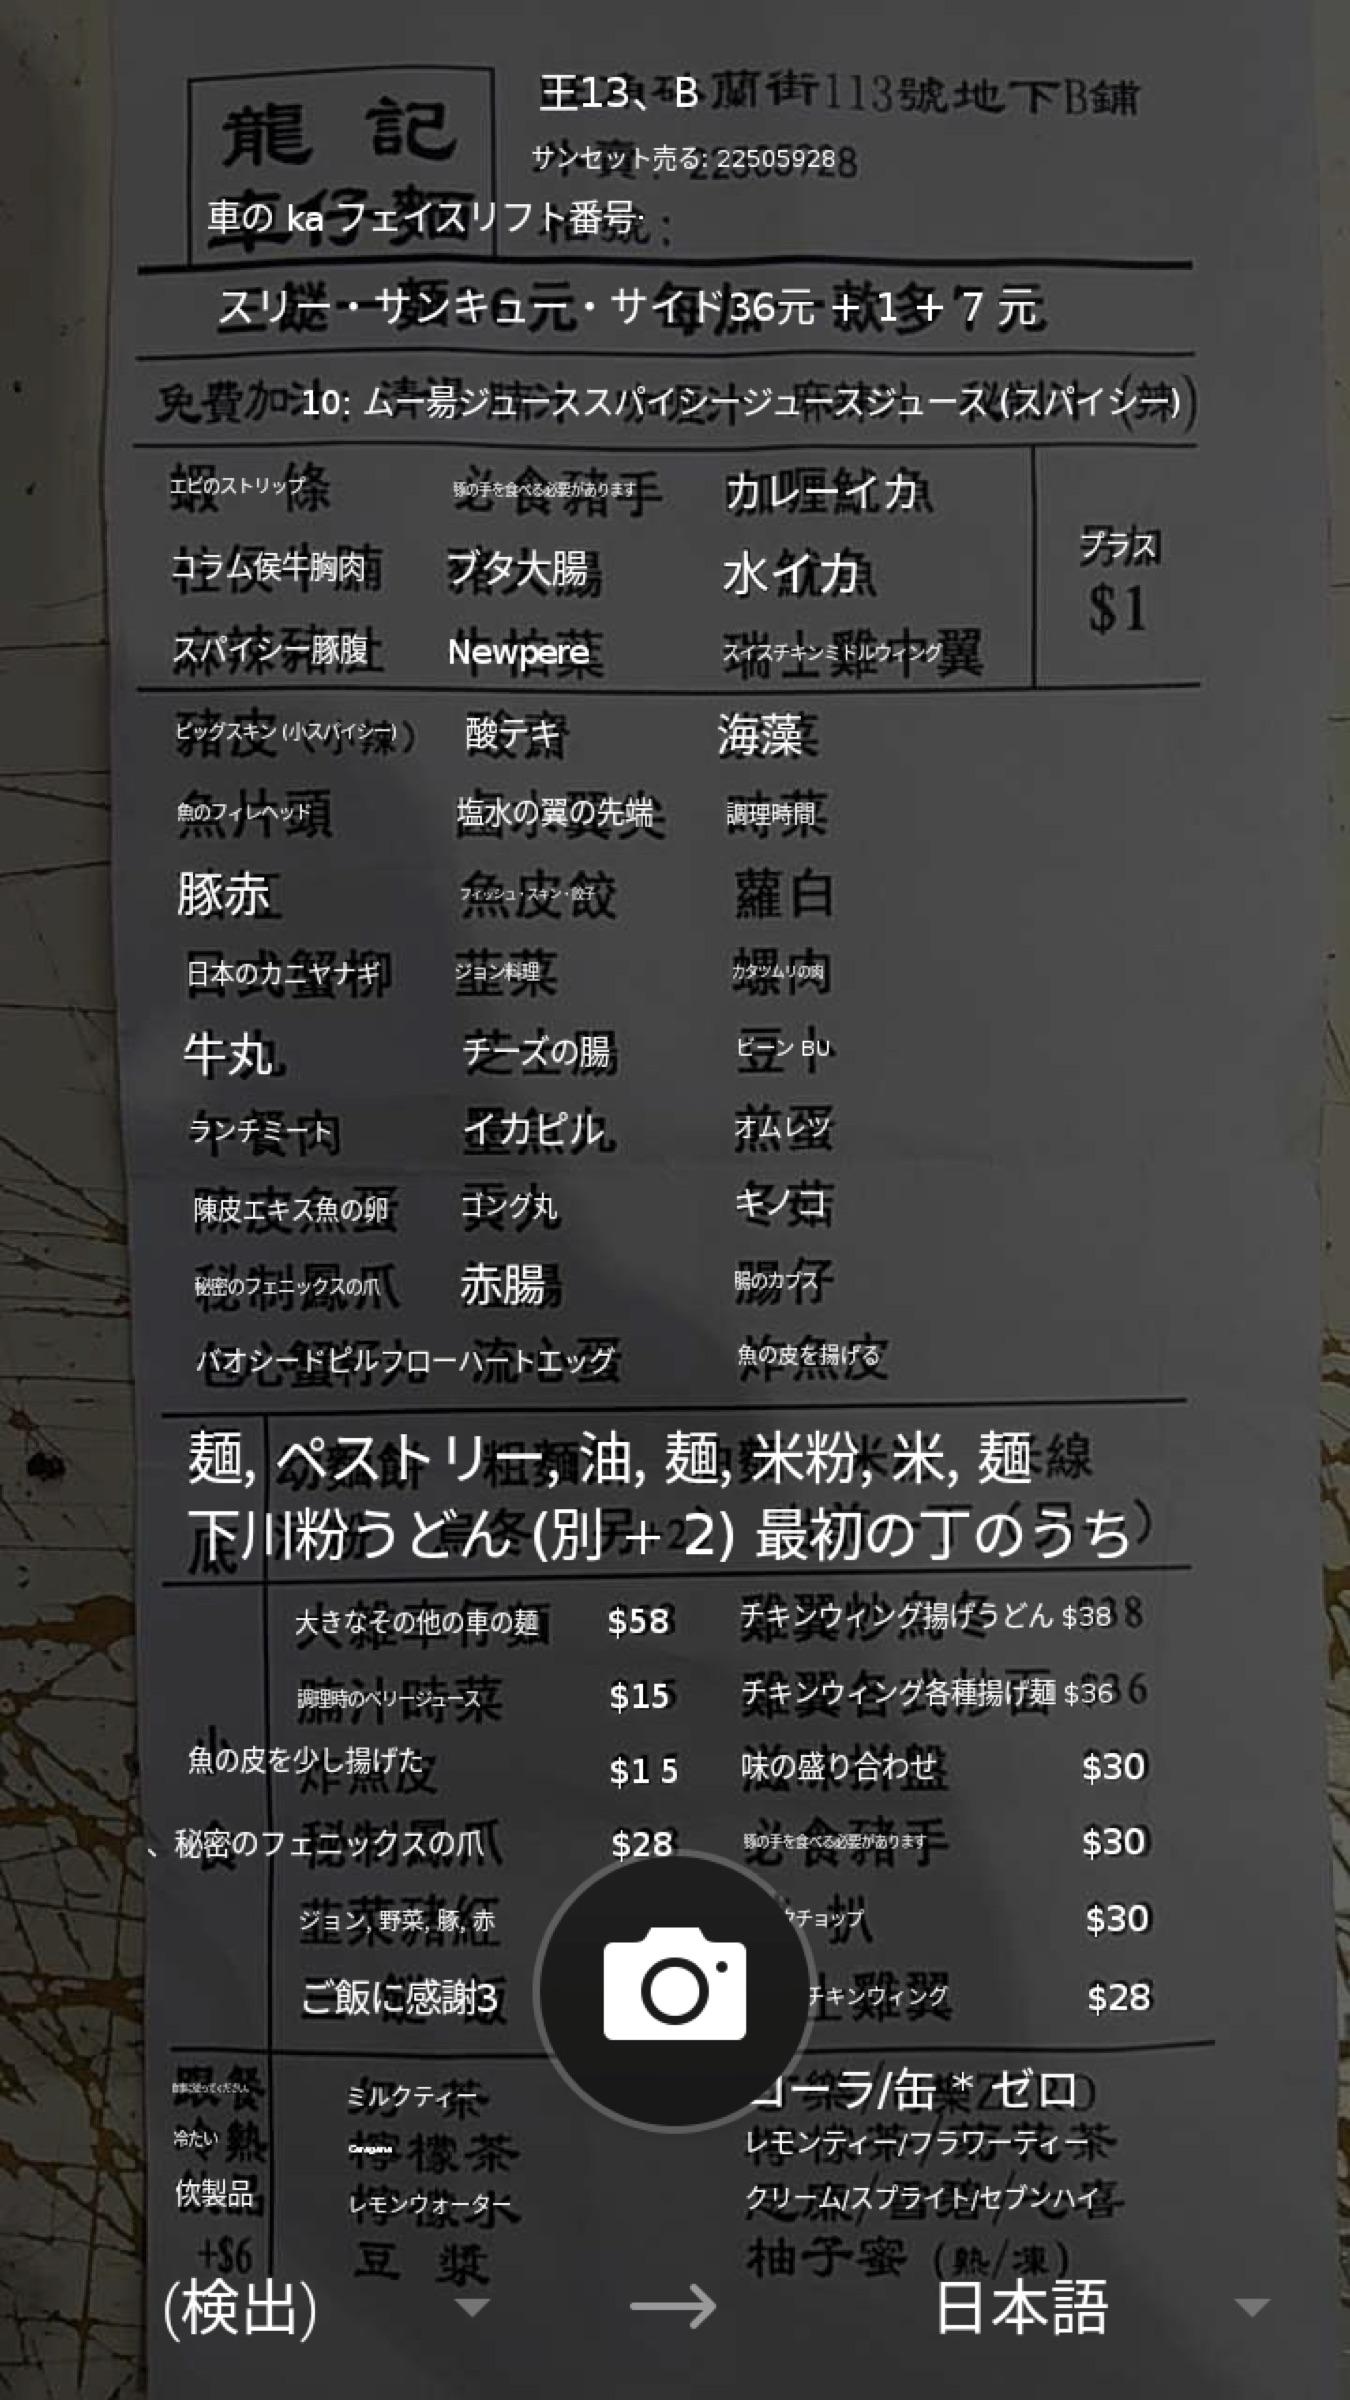 香港 旺角の麺屋の昼飯メニュー MSの翻訳アプリ Translatorで翻訳2_[0]